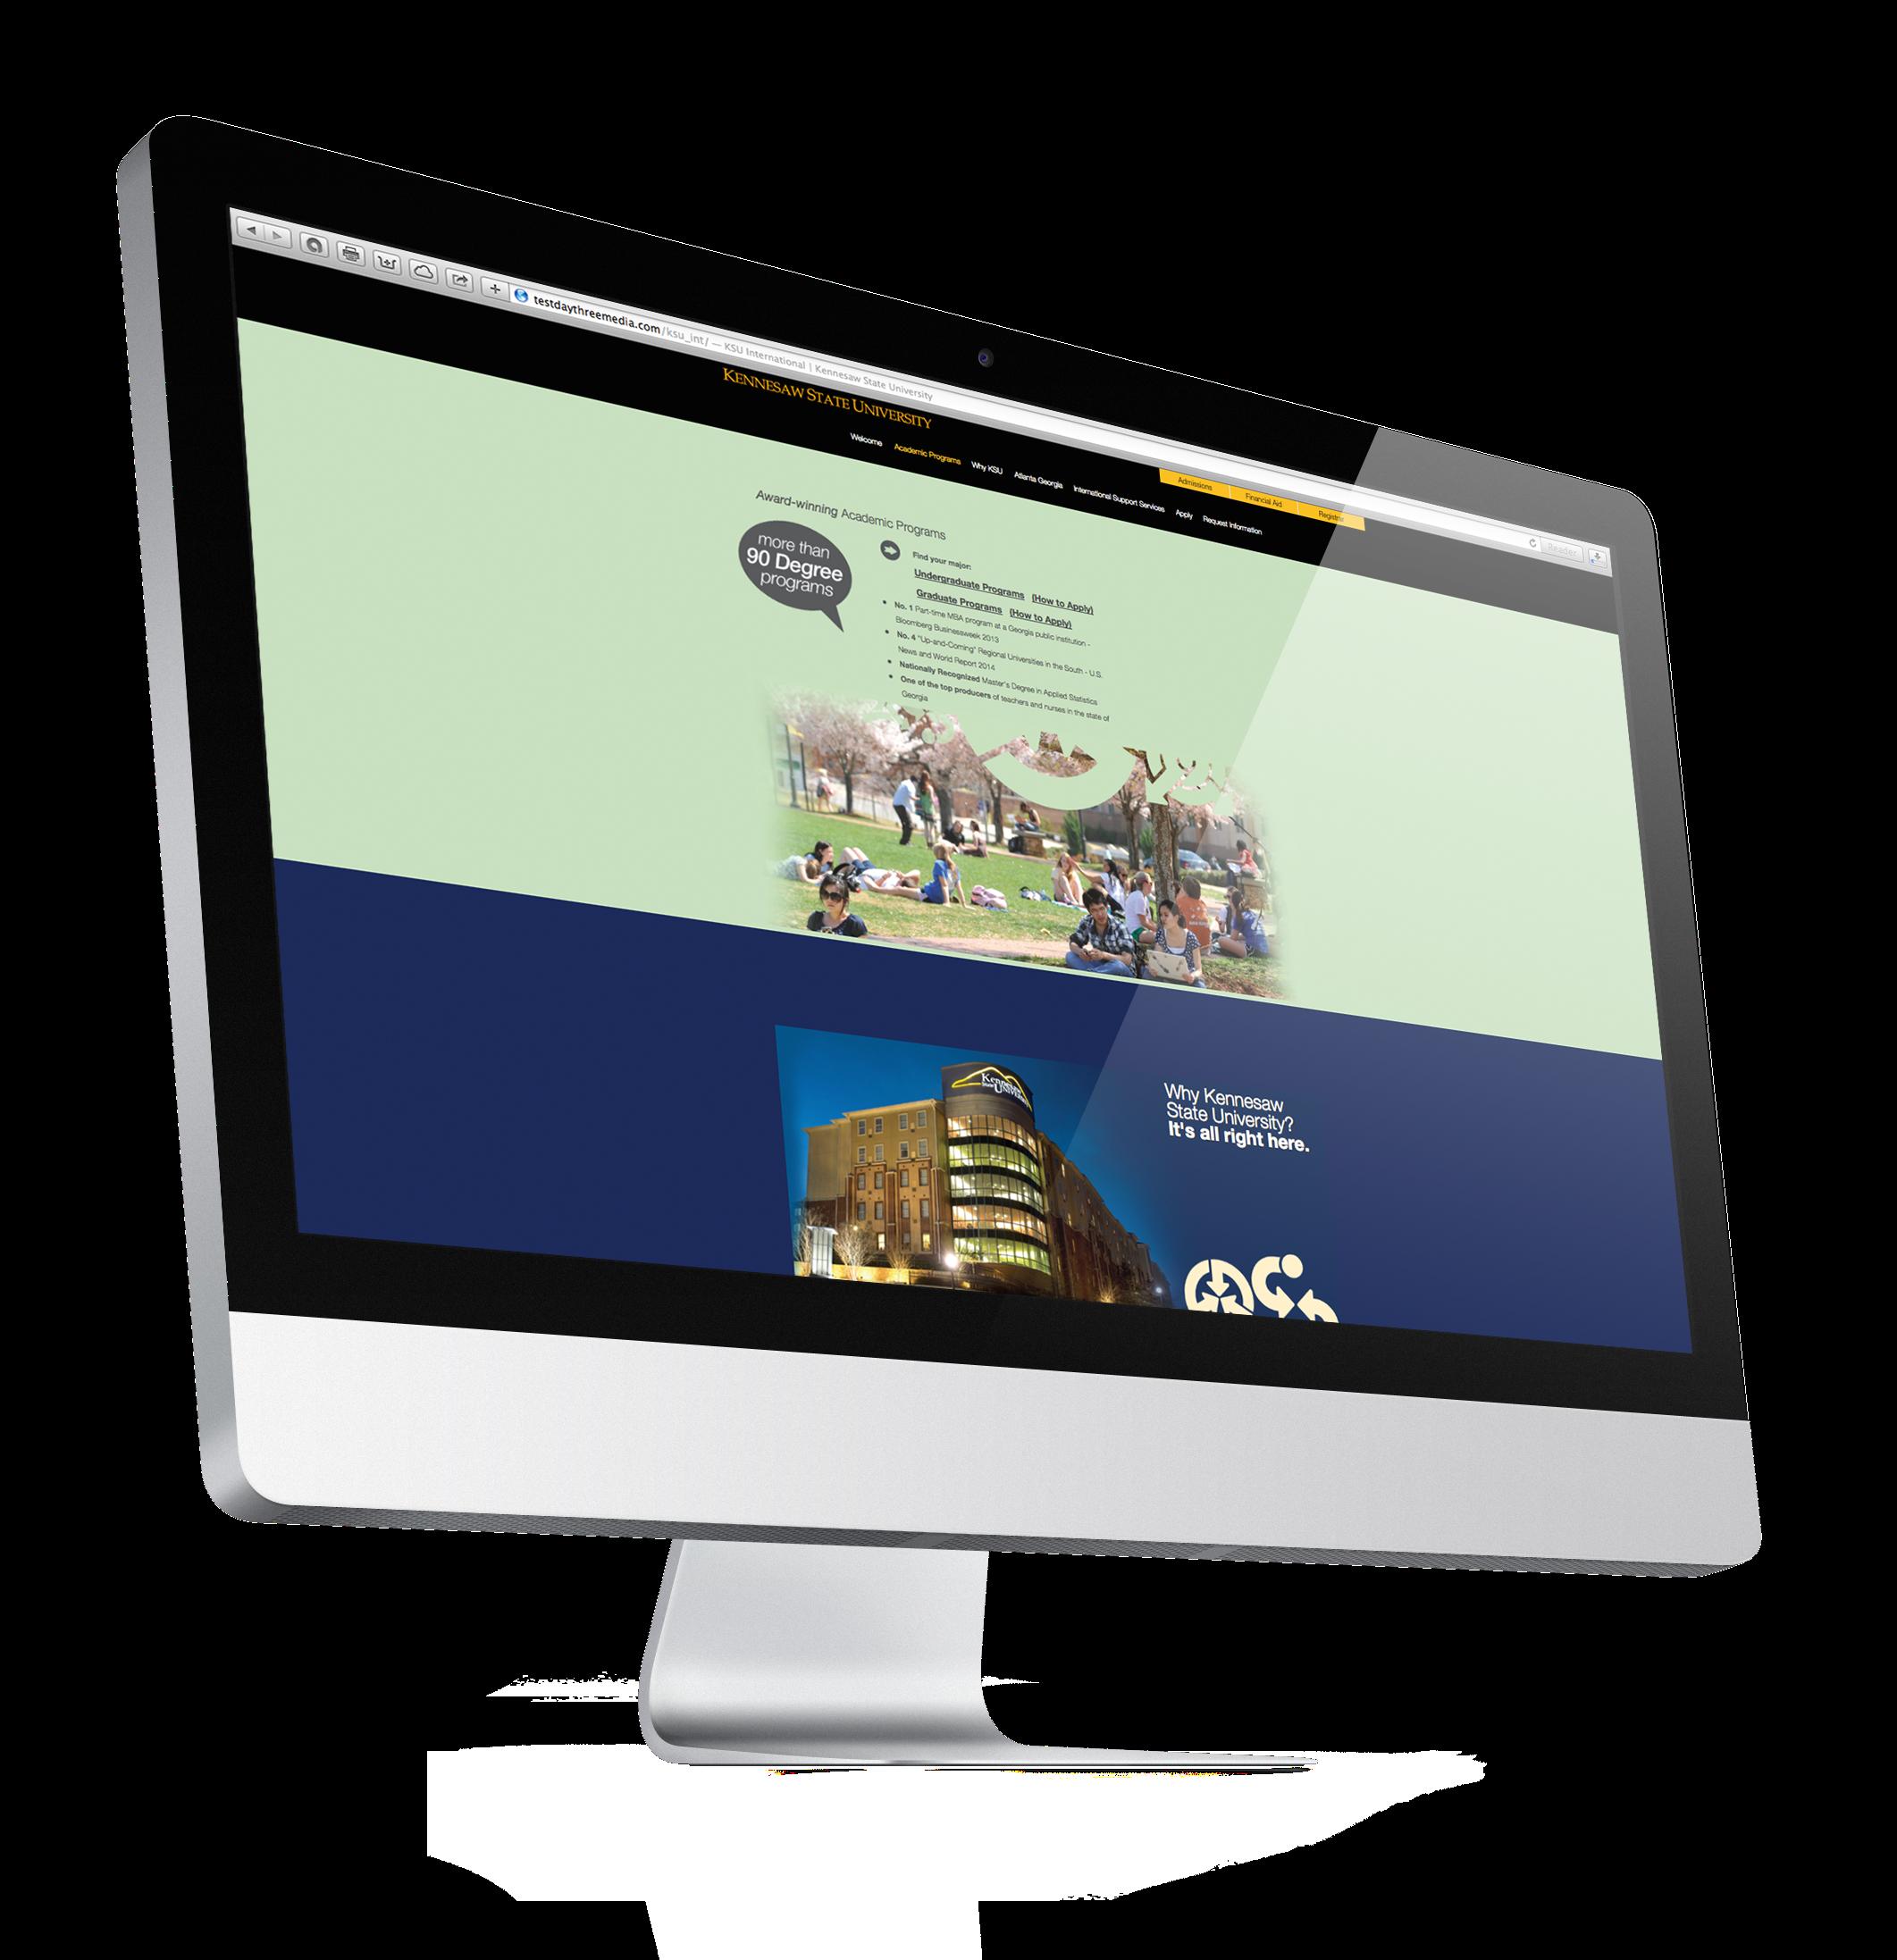 KSU International Programs Website